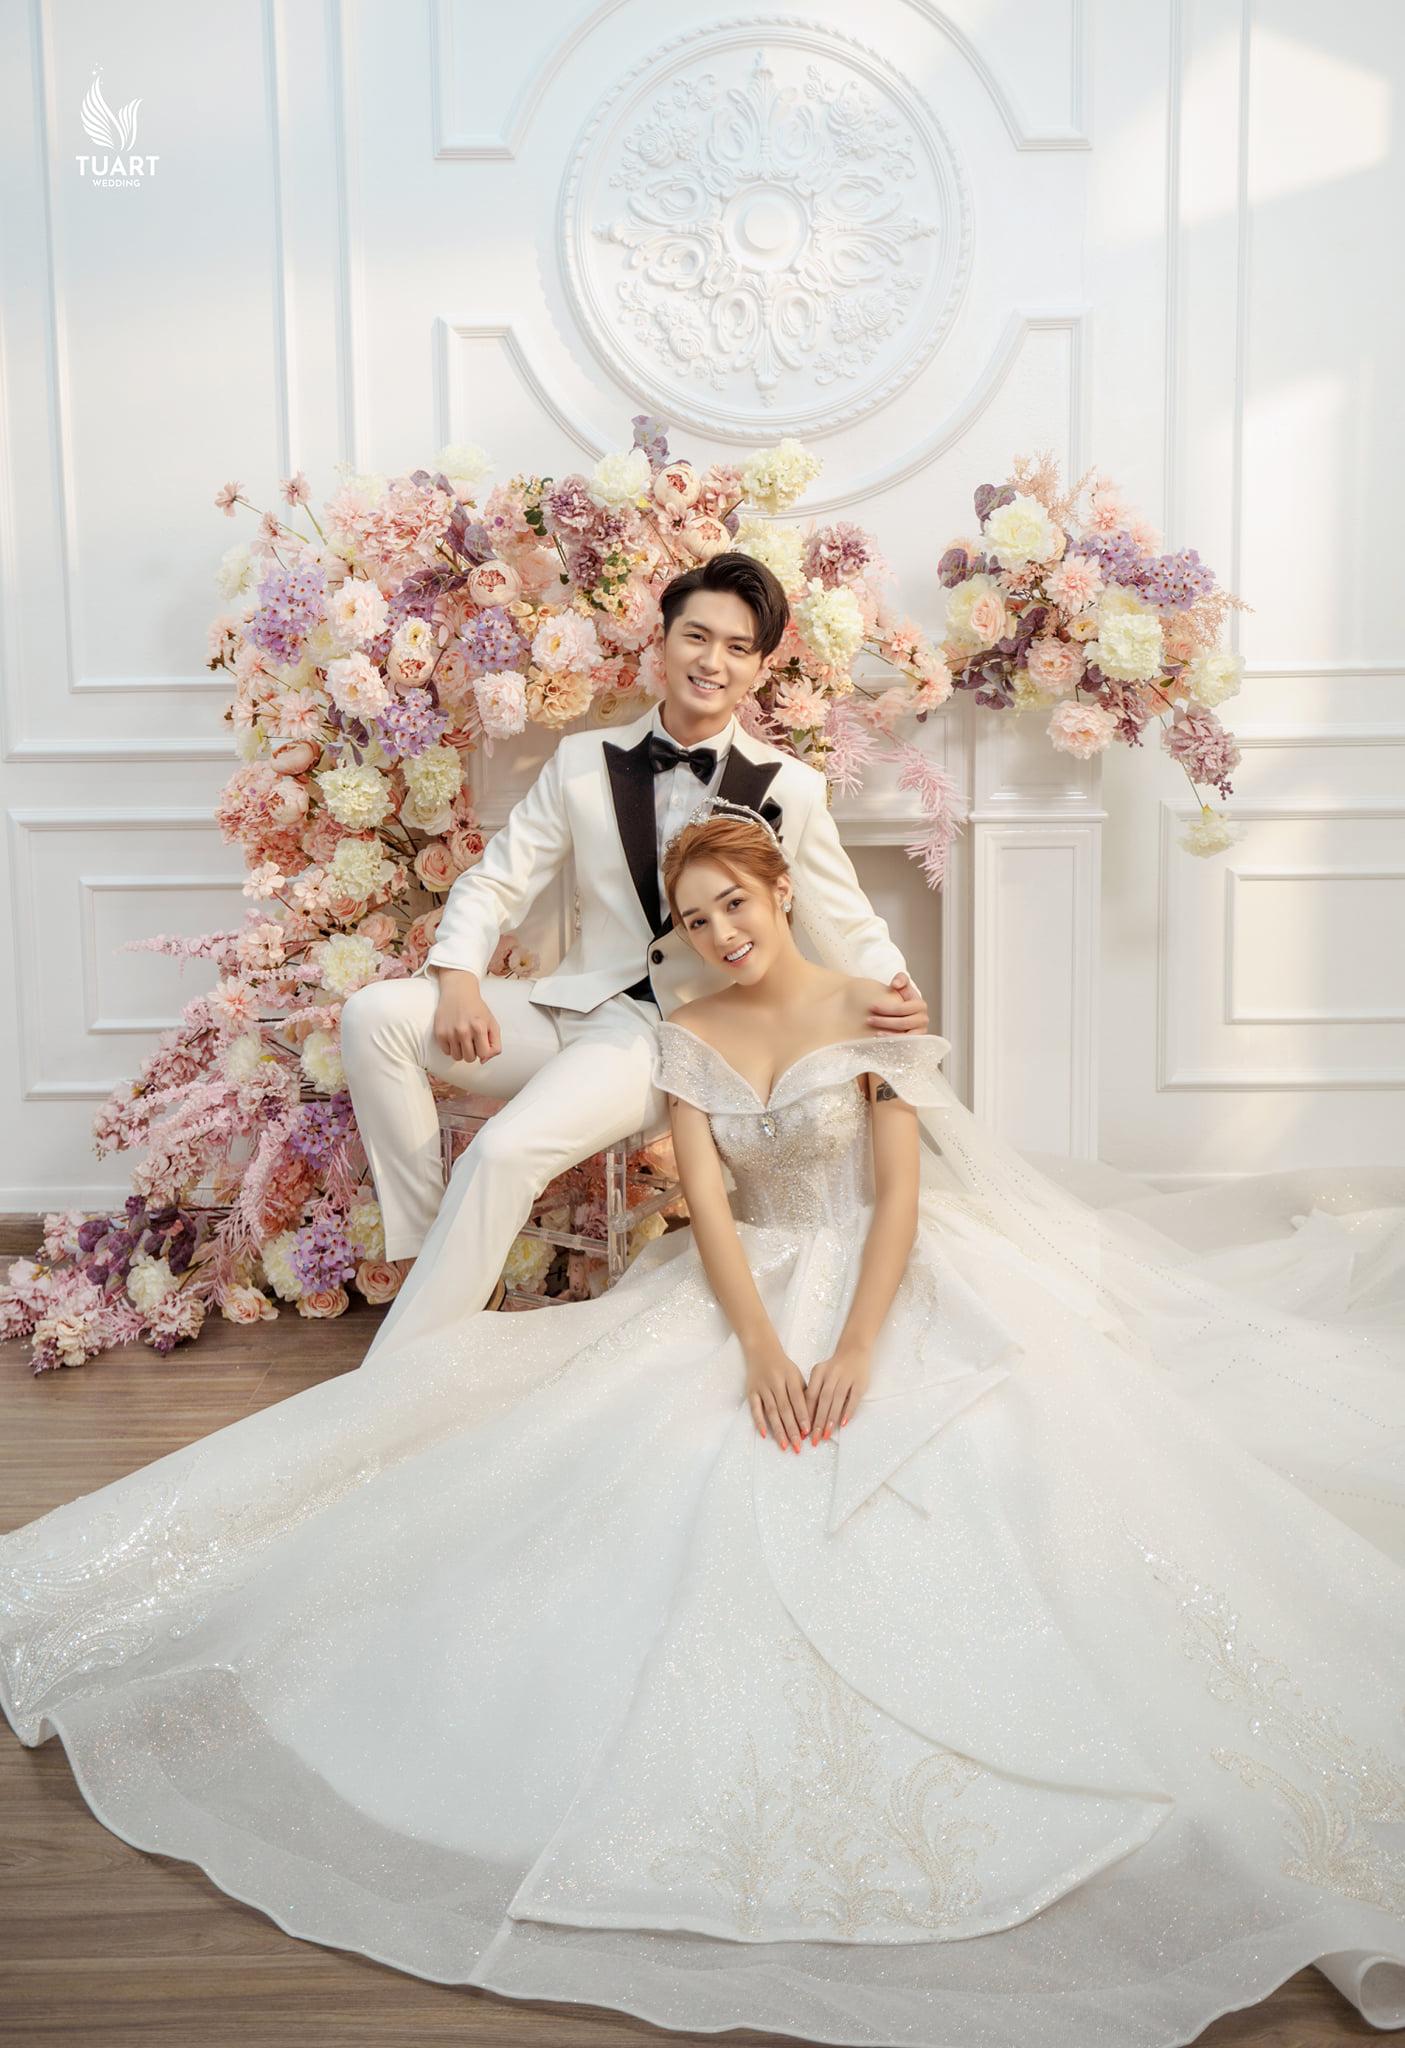 TuArt Galaxy - Album ảnh cưới đẹp tại Hà Nội  35